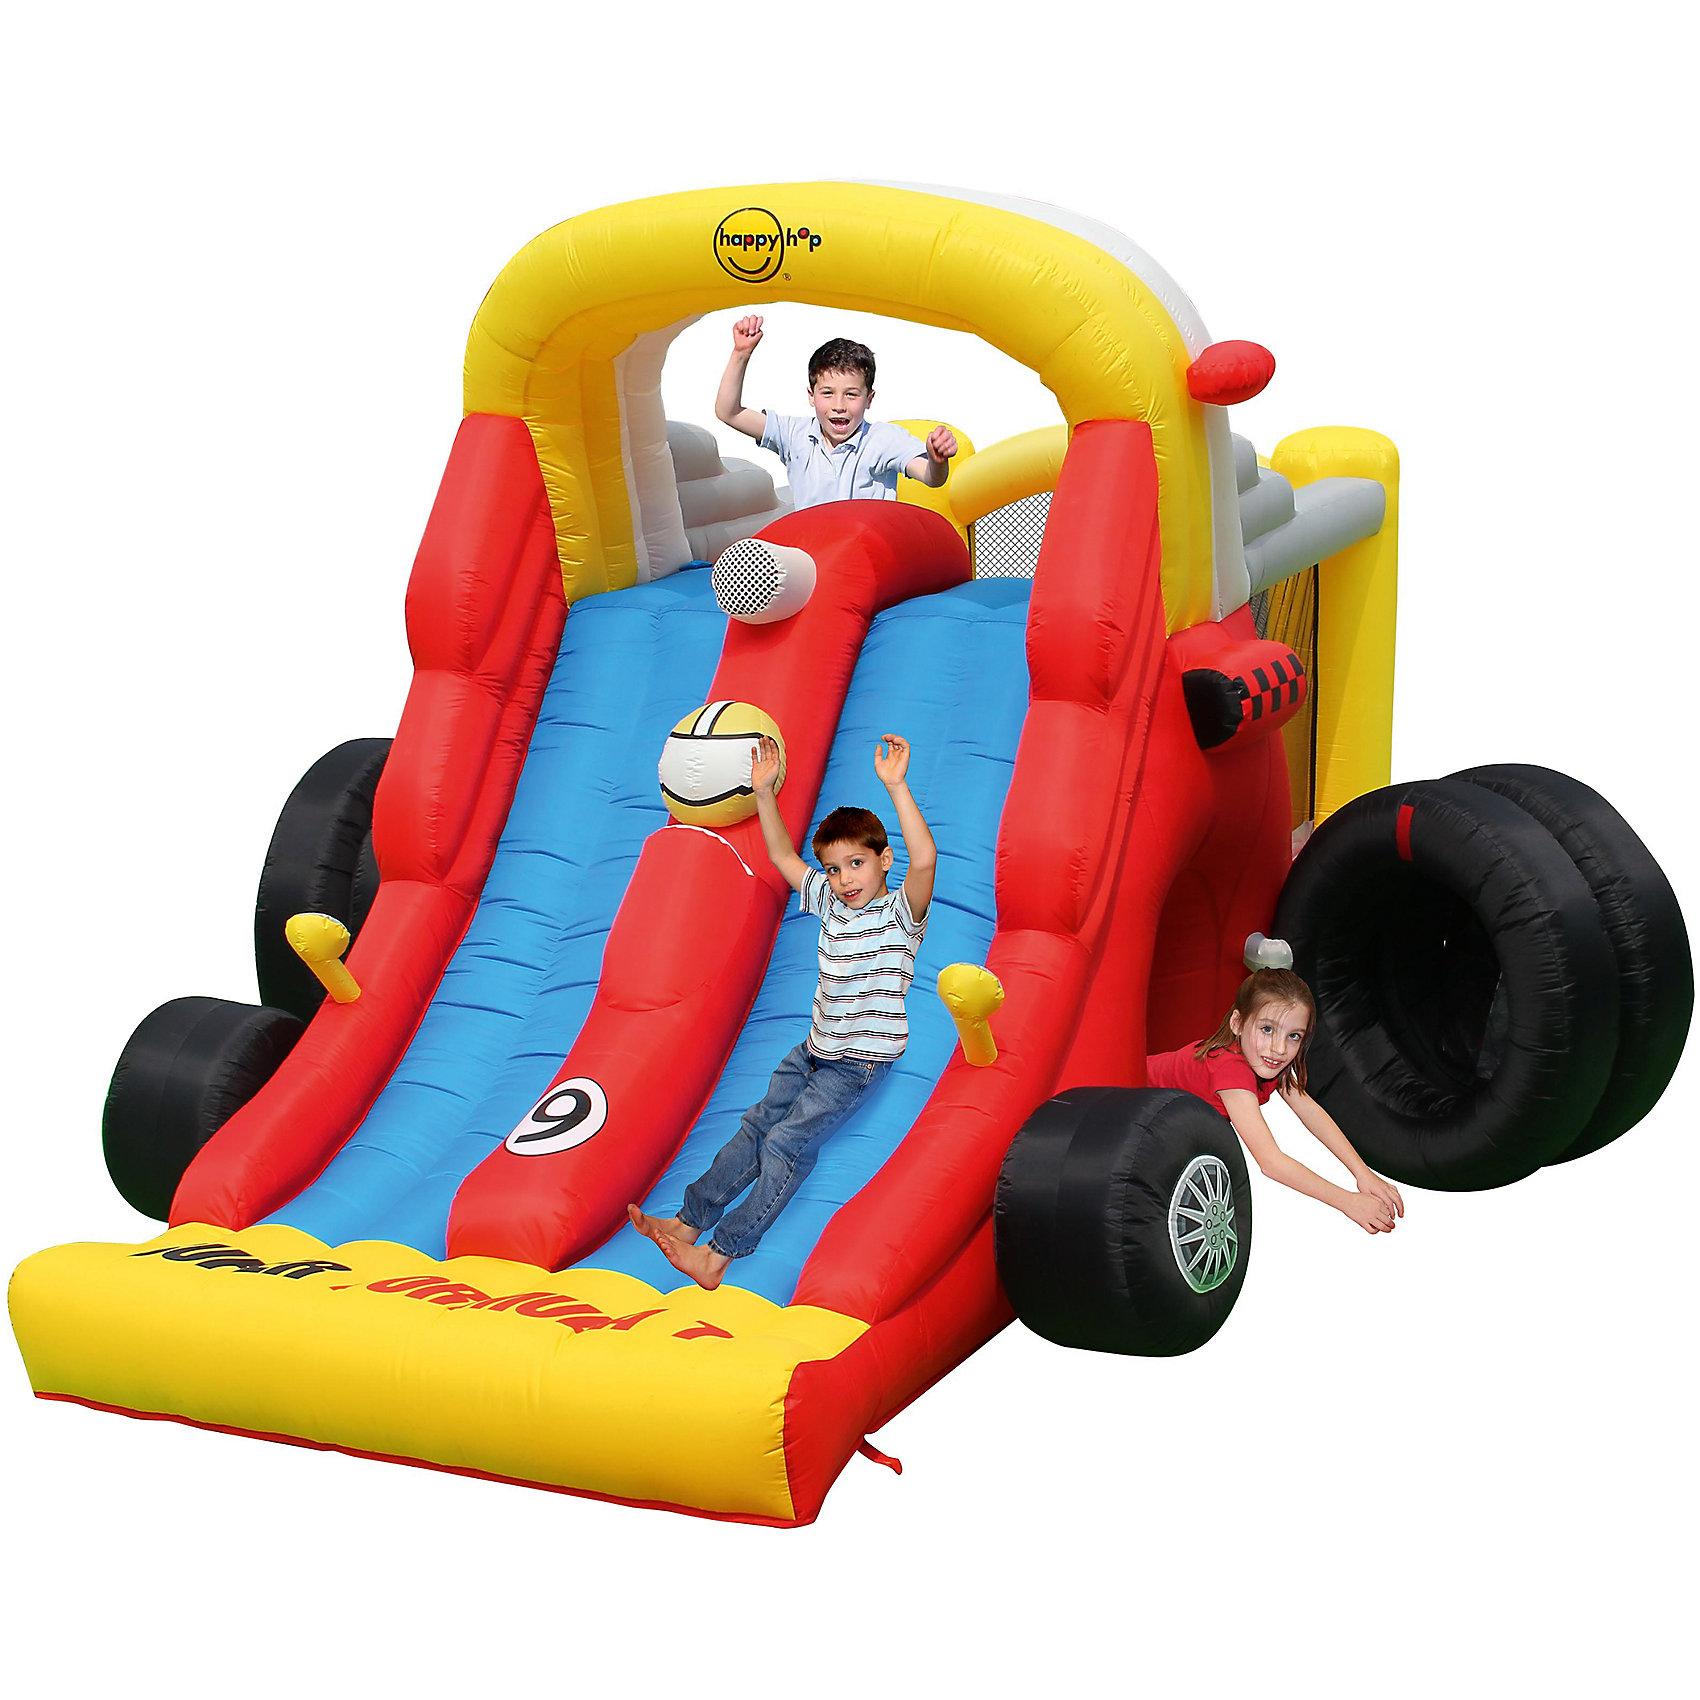 Надувной батут с двойной горкой Формула 1, Happy HopБатуты<br>Характеристики:<br><br>• возраст ребенка: от 3 до 10 лет;<br>• рост ребенка: 90-150 см;<br>• вес одного ребенка: до 45 кг;<br>• количество играющих одновременно детей: 4;<br>• максимальный вес: 180 кг (при этом вес каждого ребенка не должен превышать 45 кг).<br><br>Размеры:<br><br>• размер игрового комплекса: 460х310х250 см;<br>• размер батута: 136х185 см;<br>• высота основания батута: 45 см;<br>• высота прыжковой поверхности: 117х145 см;<br>• высота защитной сетки-ограждения: 117 см;<br>• размер горки: 317х185 см;<br>• высота площадки горки: 145 см;<br>• ширина скользящей поверхности: 45 см;<br>• прочность батута на растяжение: до 136 кг;<br>• прочность на разрыв: до 13,6 кг;<br>• прочность на соединение: до 27,2 кг;<br>• диапазон температур для батута: от -10 до +40 градусов;<br>• диапазон температур для насоса: от -15 до +40 градусов;<br>• размер упаковки: 80х45х43 см;<br>• вес в упаковке: 29,5 кг.<br><br>Дополнительная информация:<br><br>• материал: ламинированный ПВХ, ламинированная ткань Оксфорд;<br>• плотность: ПВХ 360 г/м2, ткани Оксфорд 215 г/м2;<br>• материал застежек: лавсан;<br>• крепеж к земле: пластик;<br>• технология изготовления продукции: машинное сшивание путем соединения тканей ПВХ и Оксфорд.<br><br>Меры предосторожности:<br><br>• использование: установка на открытом воздухе;<br>• только для бытового применения;<br>• при установке батута, изделие обязательно следует крепить пластиковыми кольями к земле.<br><br>Рекомендации от производителя: в течение всего времени использования продукции HAPPY HOP необходимо поддерживать подачу воздуха и обеспечивать непрерывную работу насоса. <br><br>Надувной батут с двойной горкой Формула 1 Happy Hop можно купить в нашем интернет-магазине.<br><br>Ширина мм: 800<br>Глубина мм: 450<br>Высота мм: 430<br>Вес г: 29500<br>Возраст от месяцев: 36<br>Возраст до месяцев: 120<br>Пол: Унисекс<br>Возраст: Детский<br>SKU: 5530661